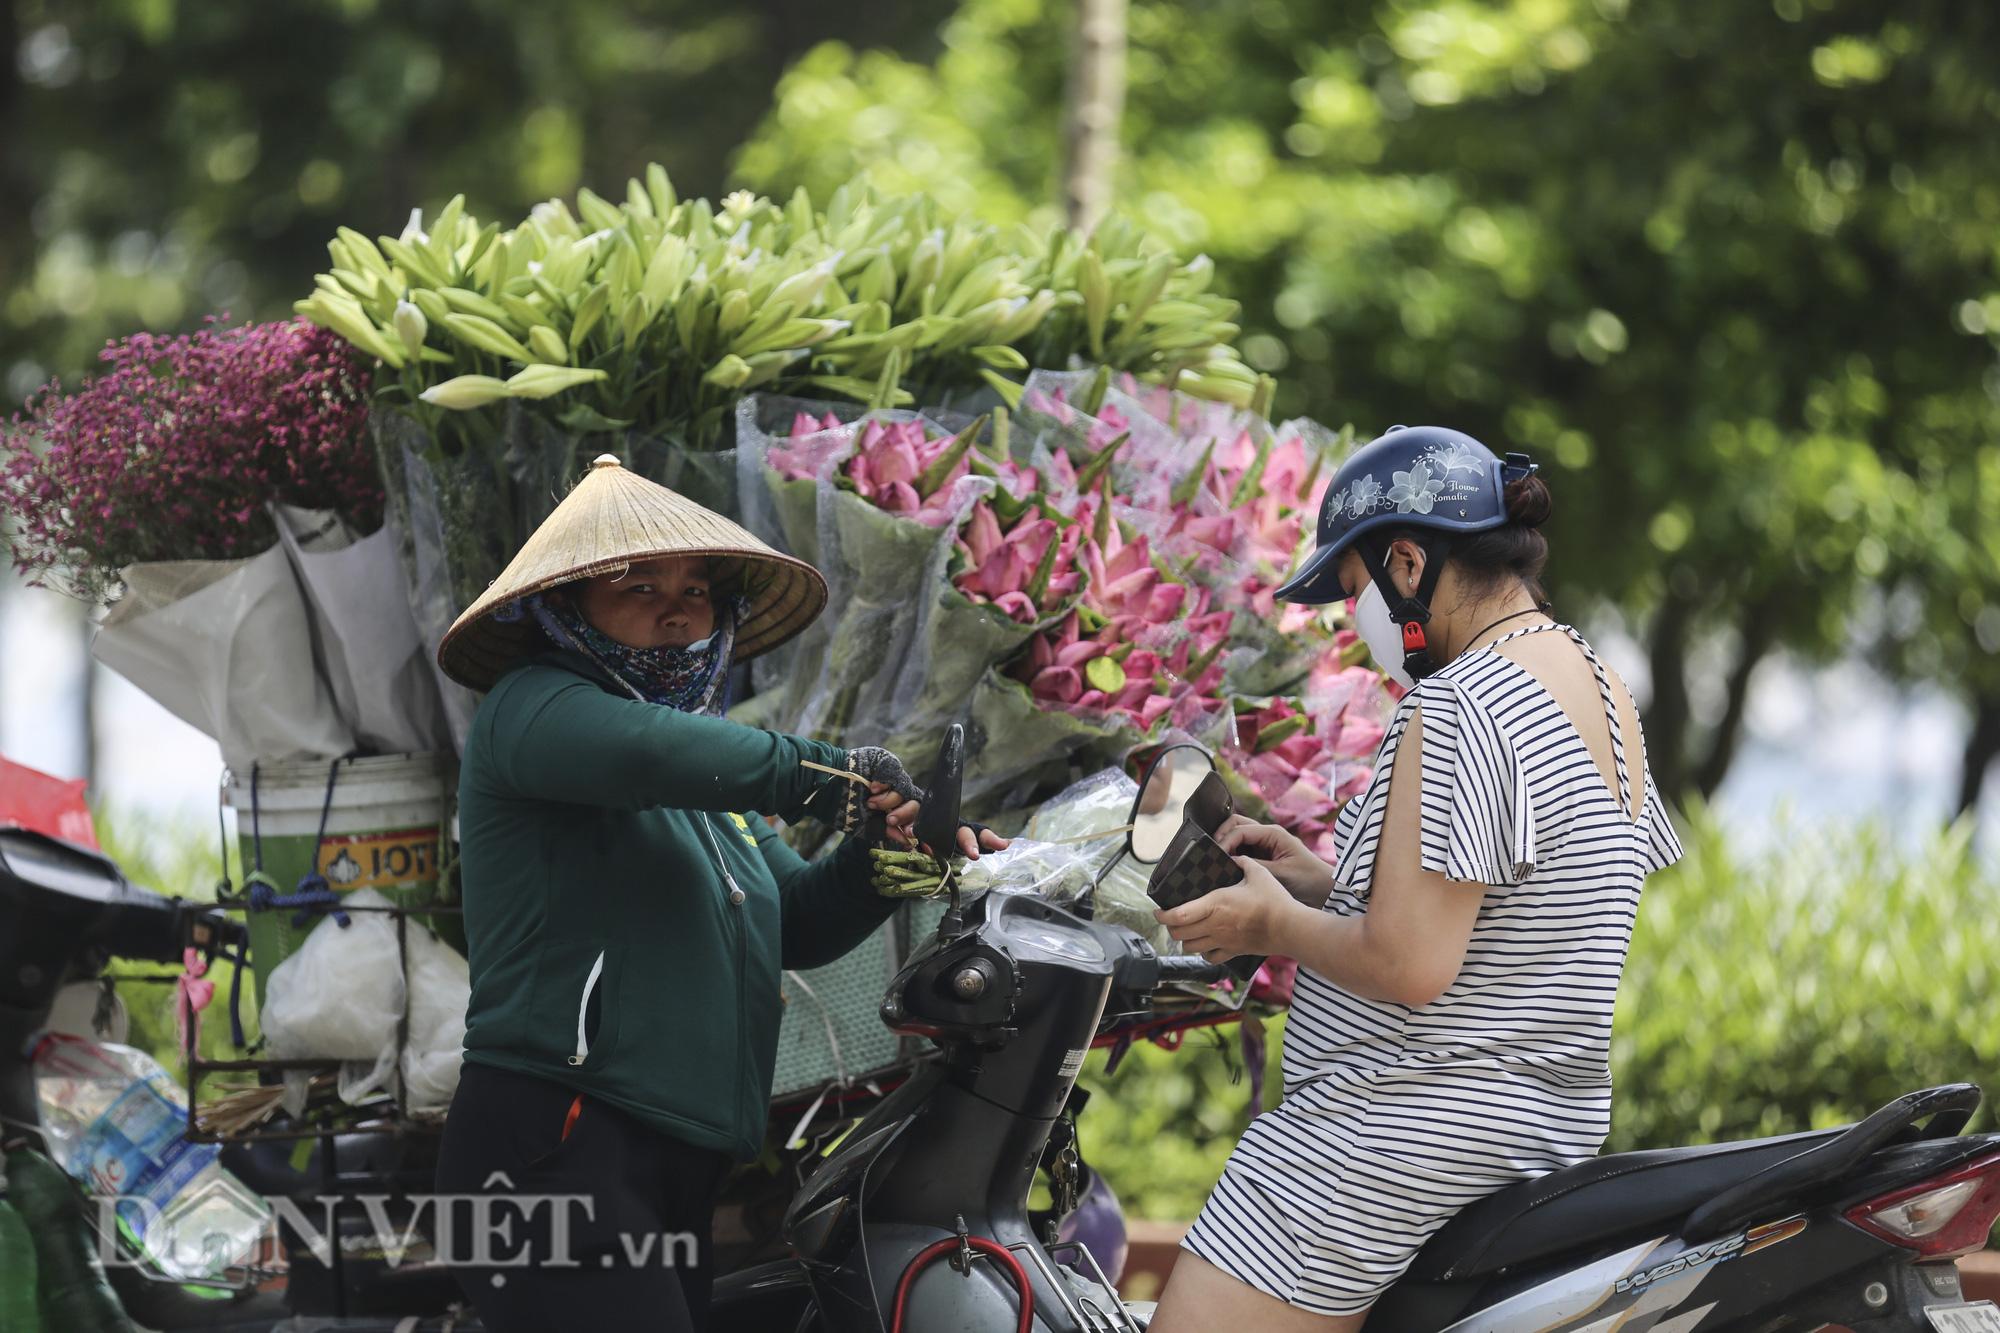 Sen đầu mua khoe sắc, len lỏi khắp phố phường Hà Nội - Ảnh 5.